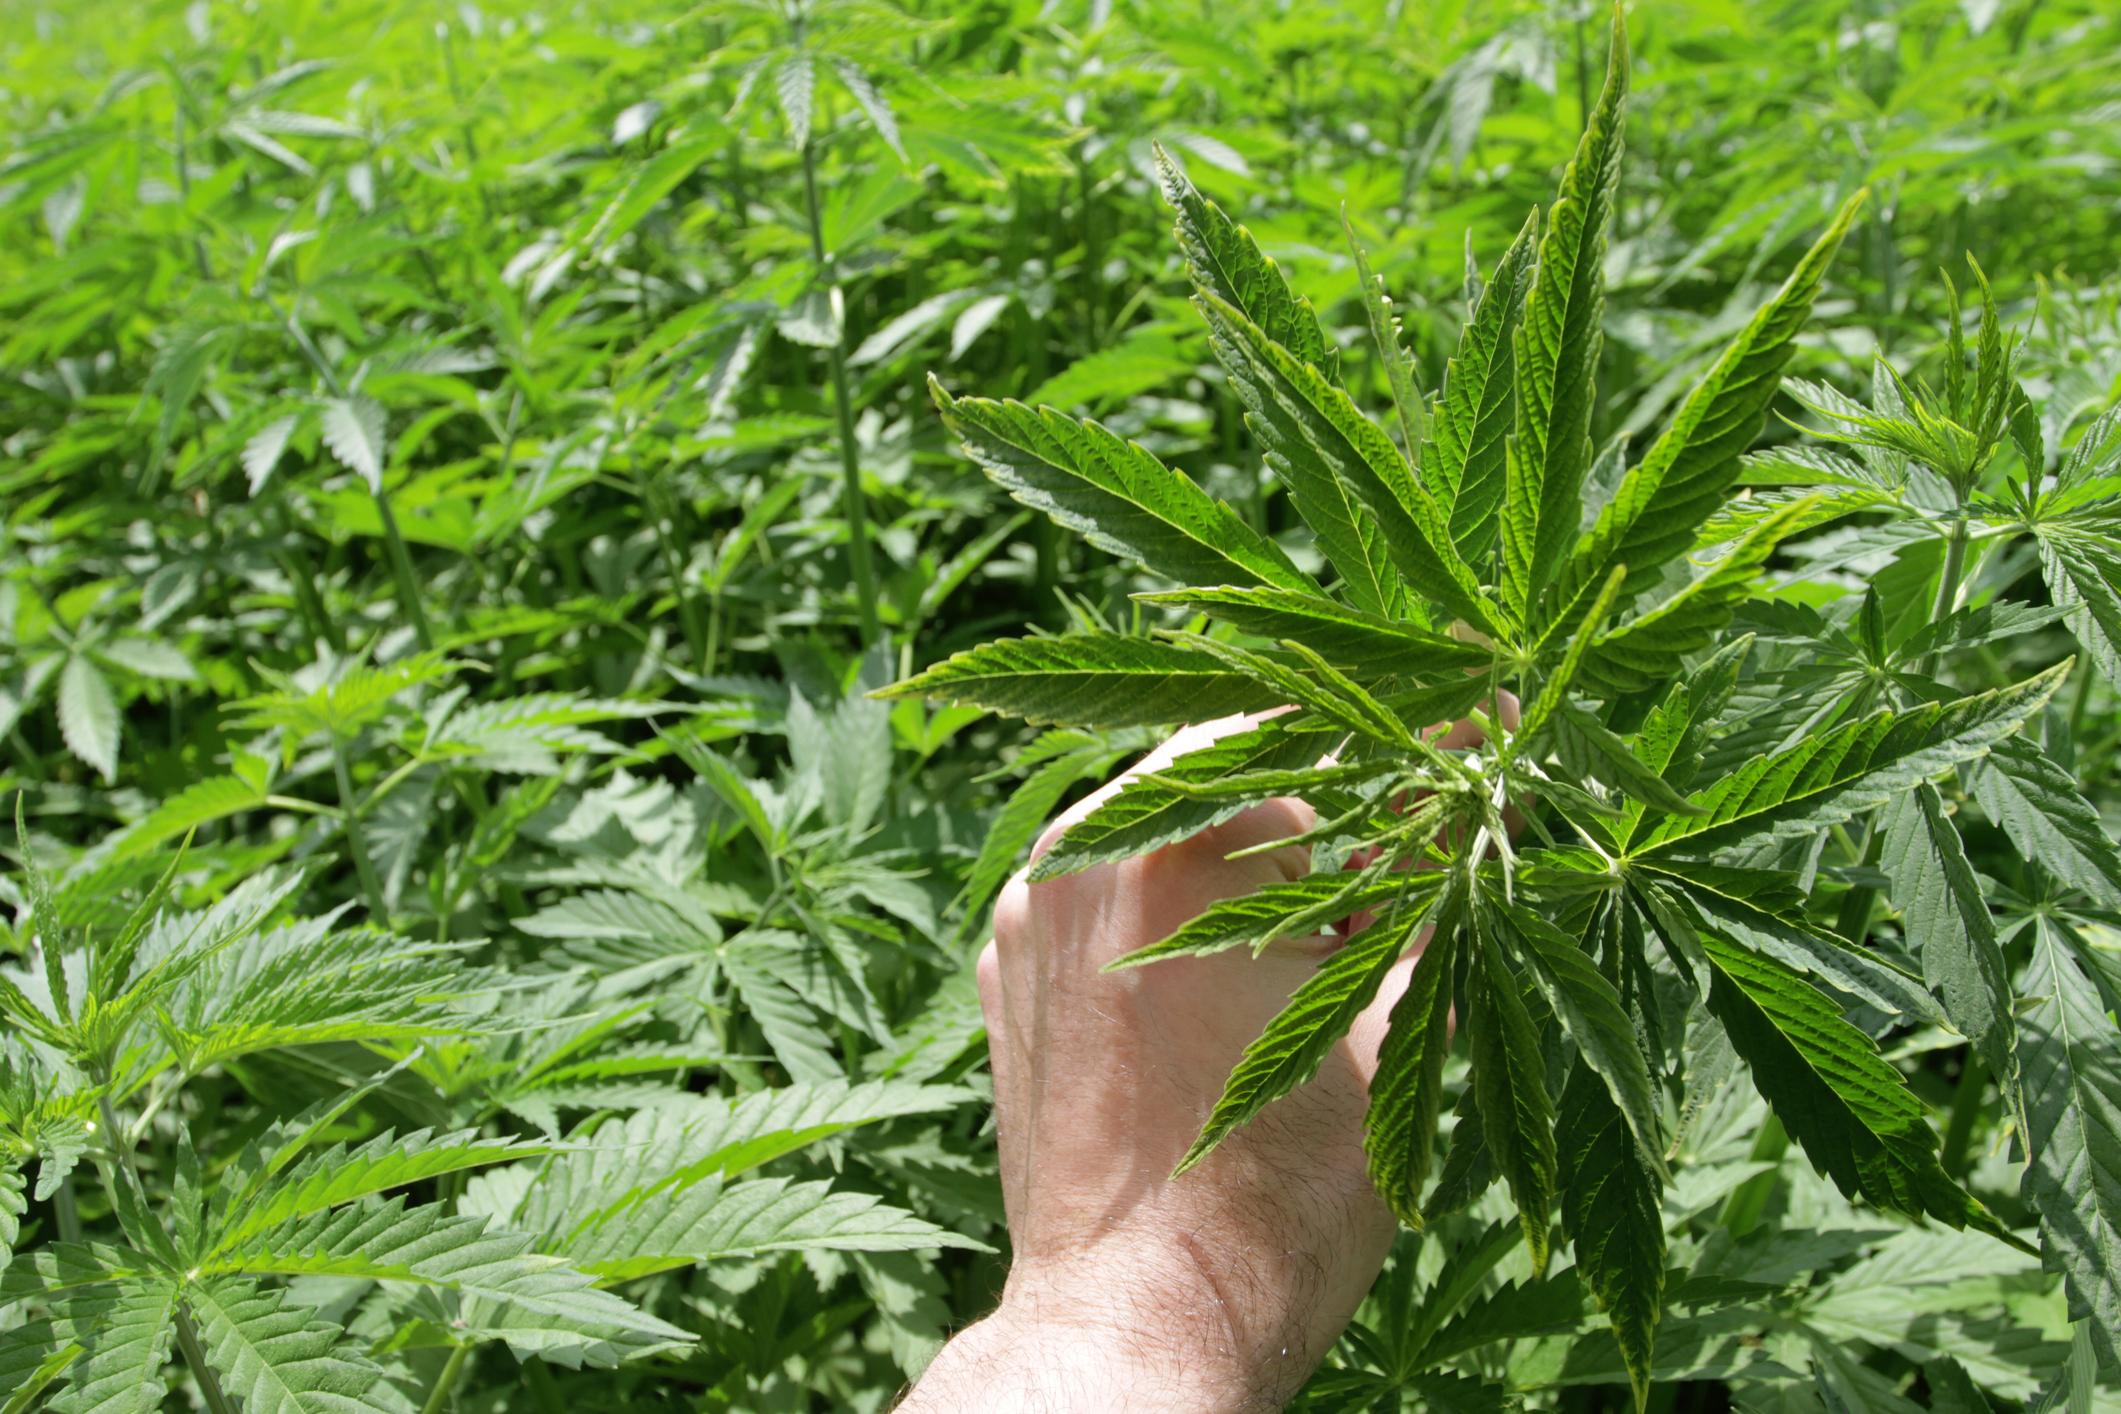 A hand holding a cannabis leaf amid a grow farm.